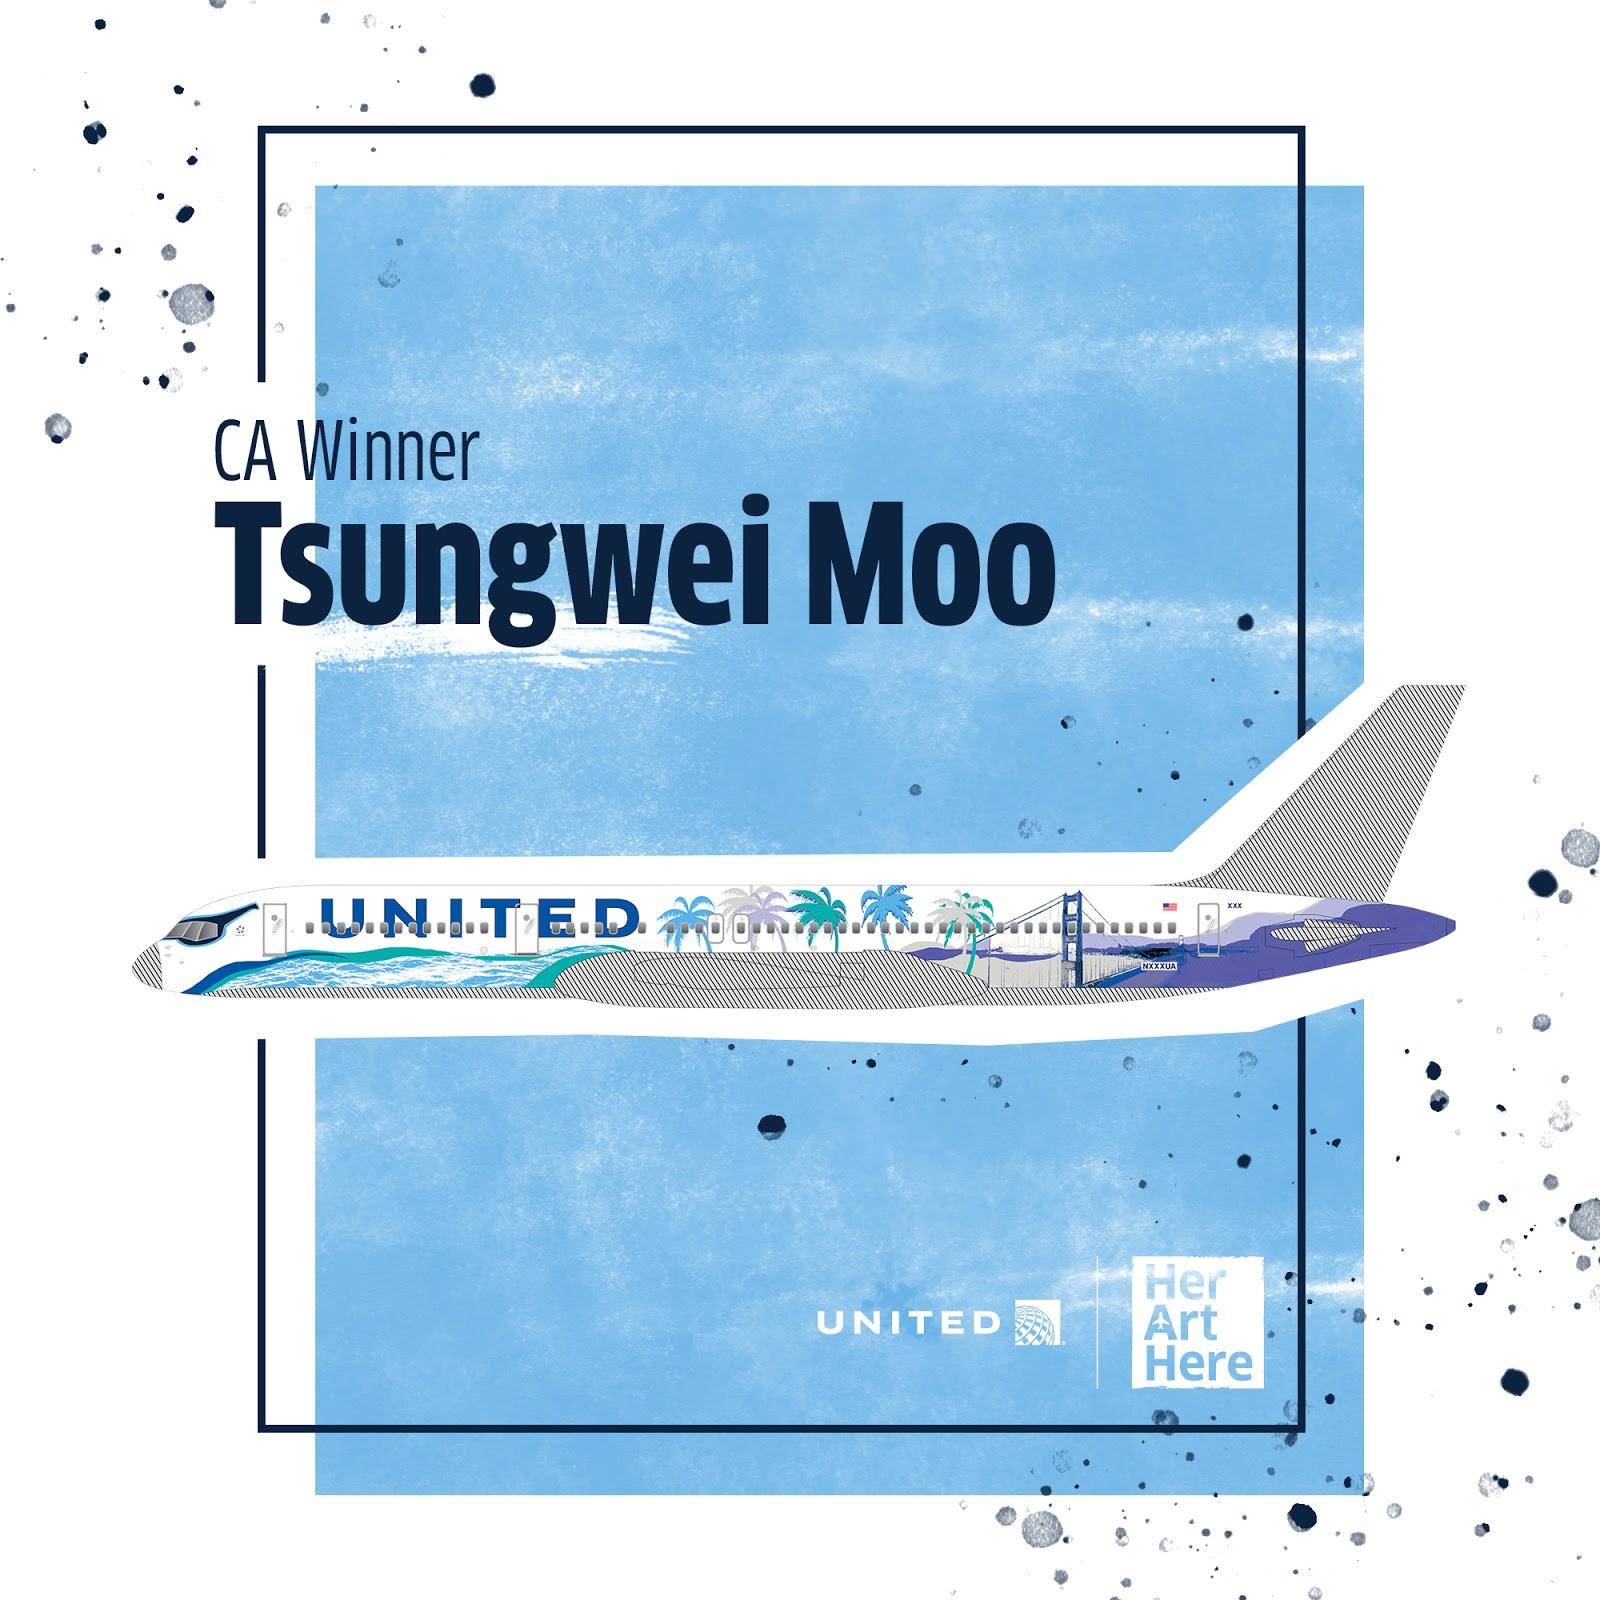 United pintará duas aeronaves com pinturas especiais em frota - Veja fotos   É MAIS QUE VOAR